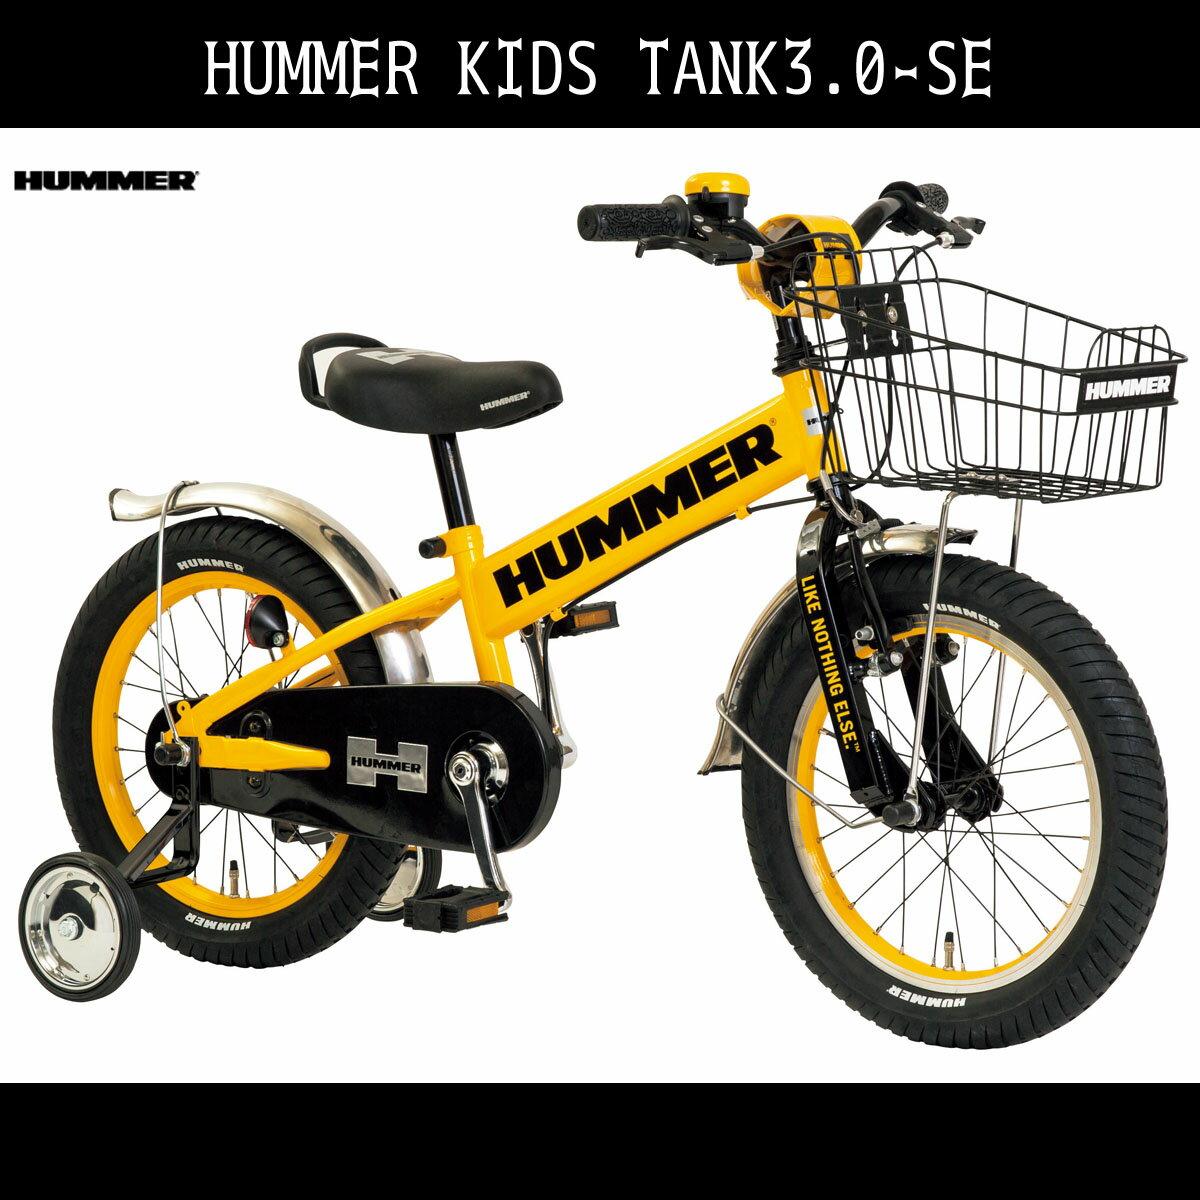 配送先関東限定 KID'S TANK3.0-SE HUMMER ハマー かご付ハマー 泥除け 補助輪 ギアなし 自転車 イエロー/黄色16インチ 自転車 子ども用 自転車 補助輪付き 幼児 自転車 マウンテンバイク 子供用 送料無料 自転車 激安